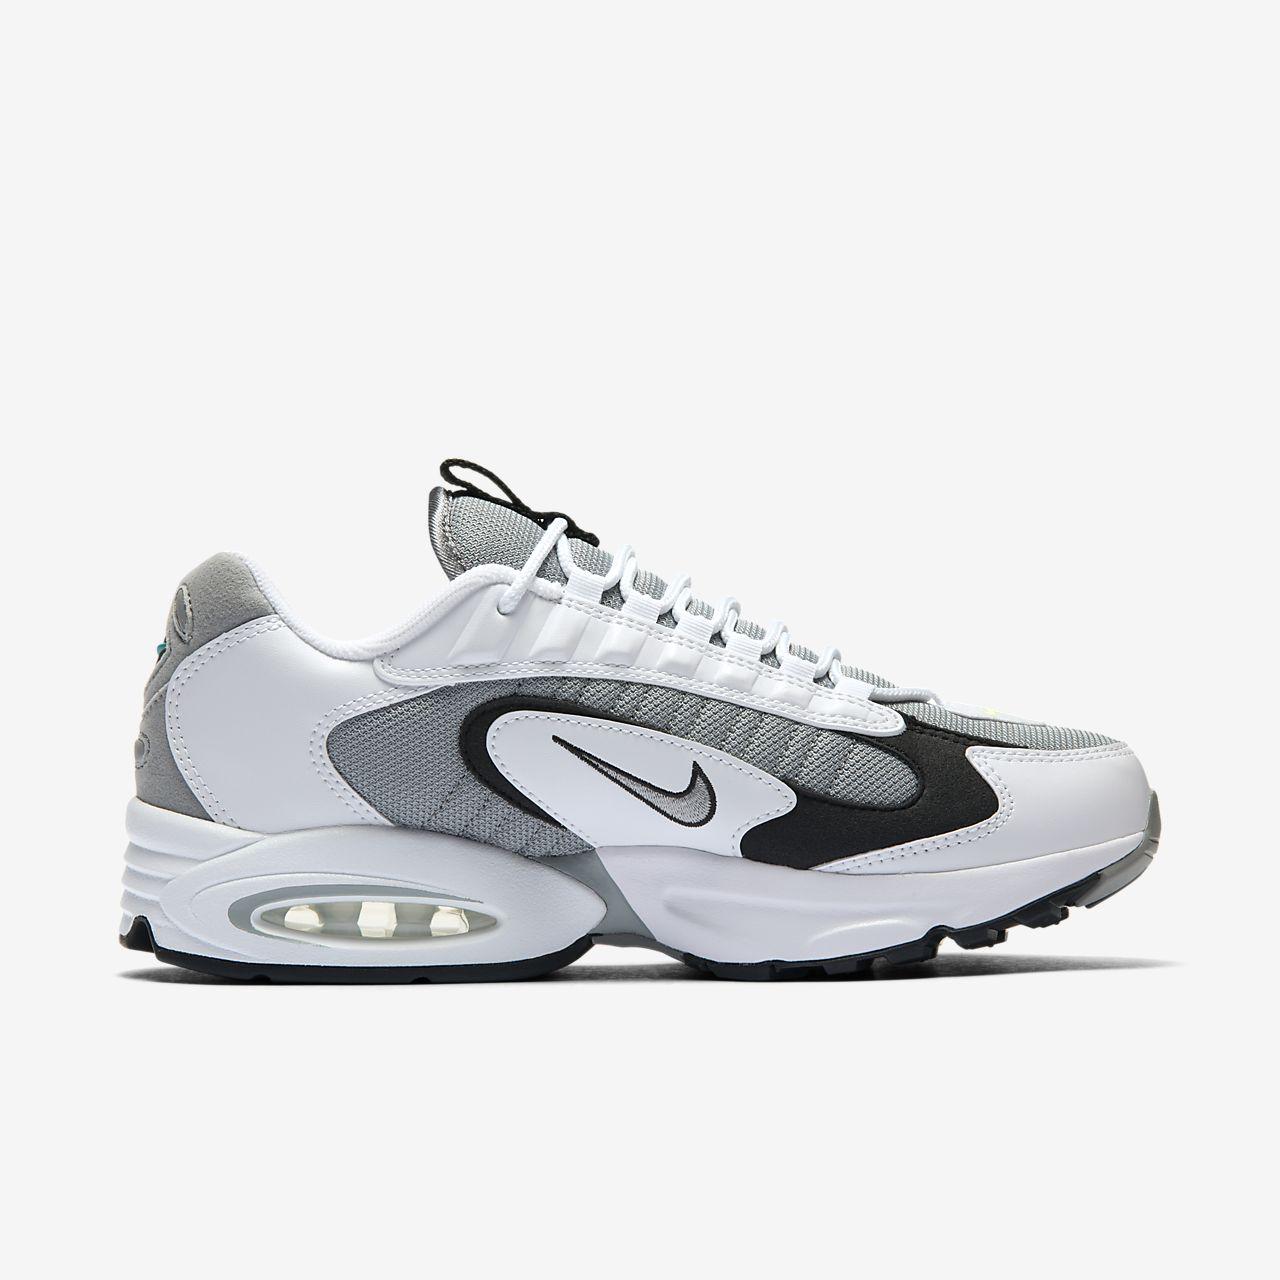 Nike Air Max Triax 96 (white grey)   43einhalb Sneaker Store